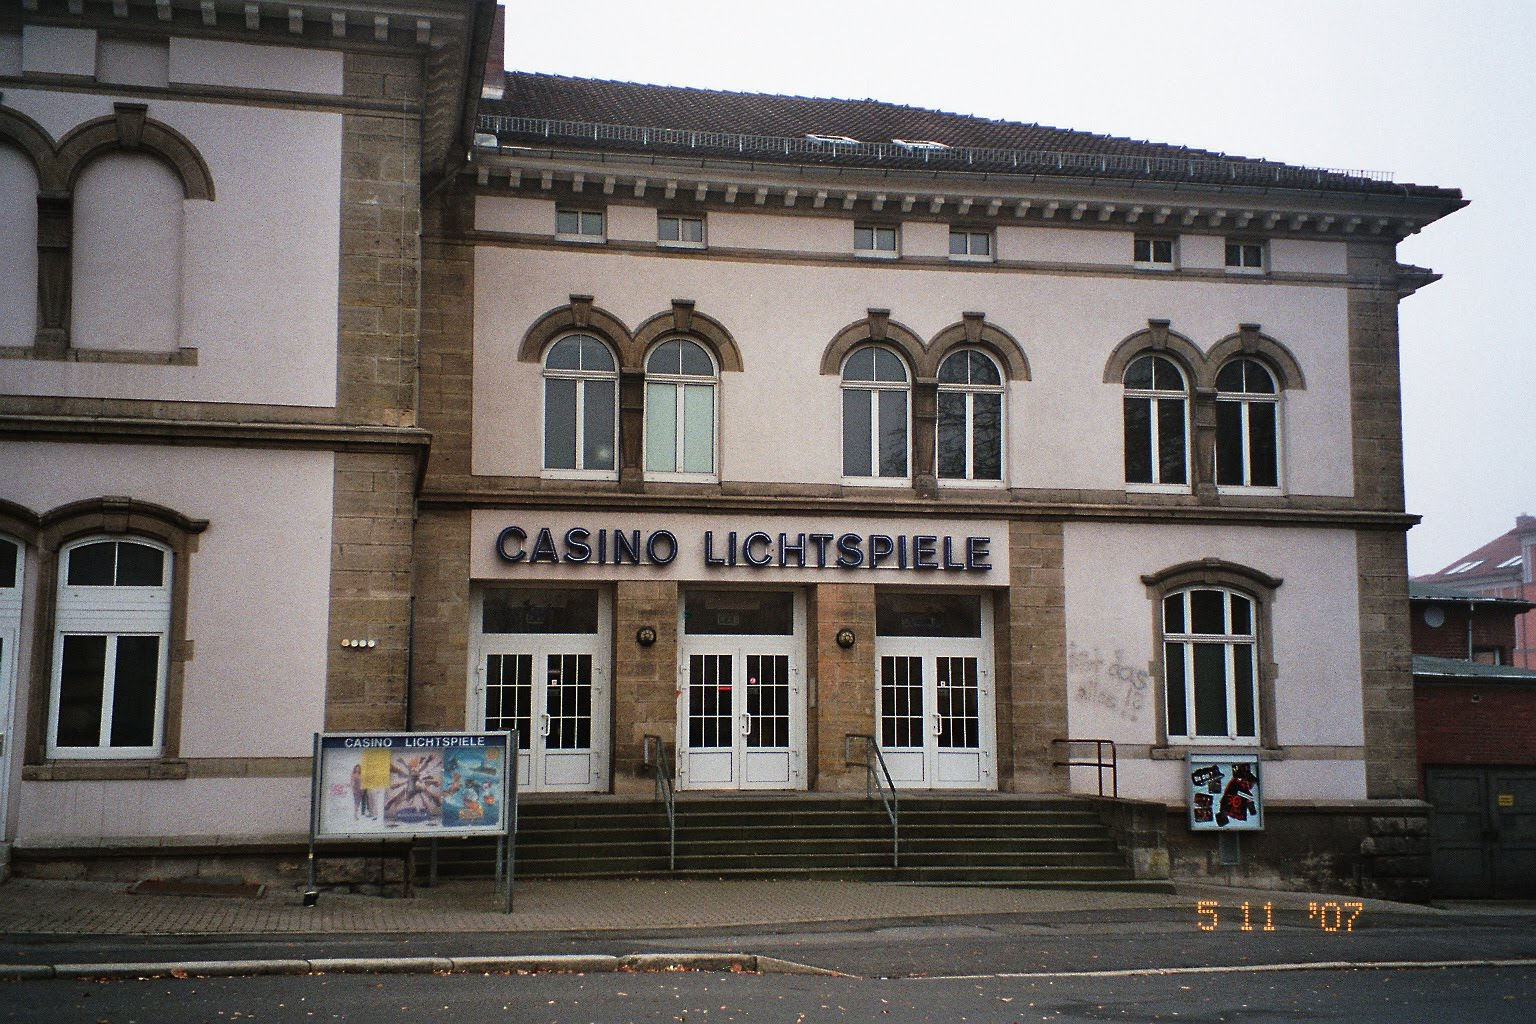 Casino-Lichtspiele Meiningen